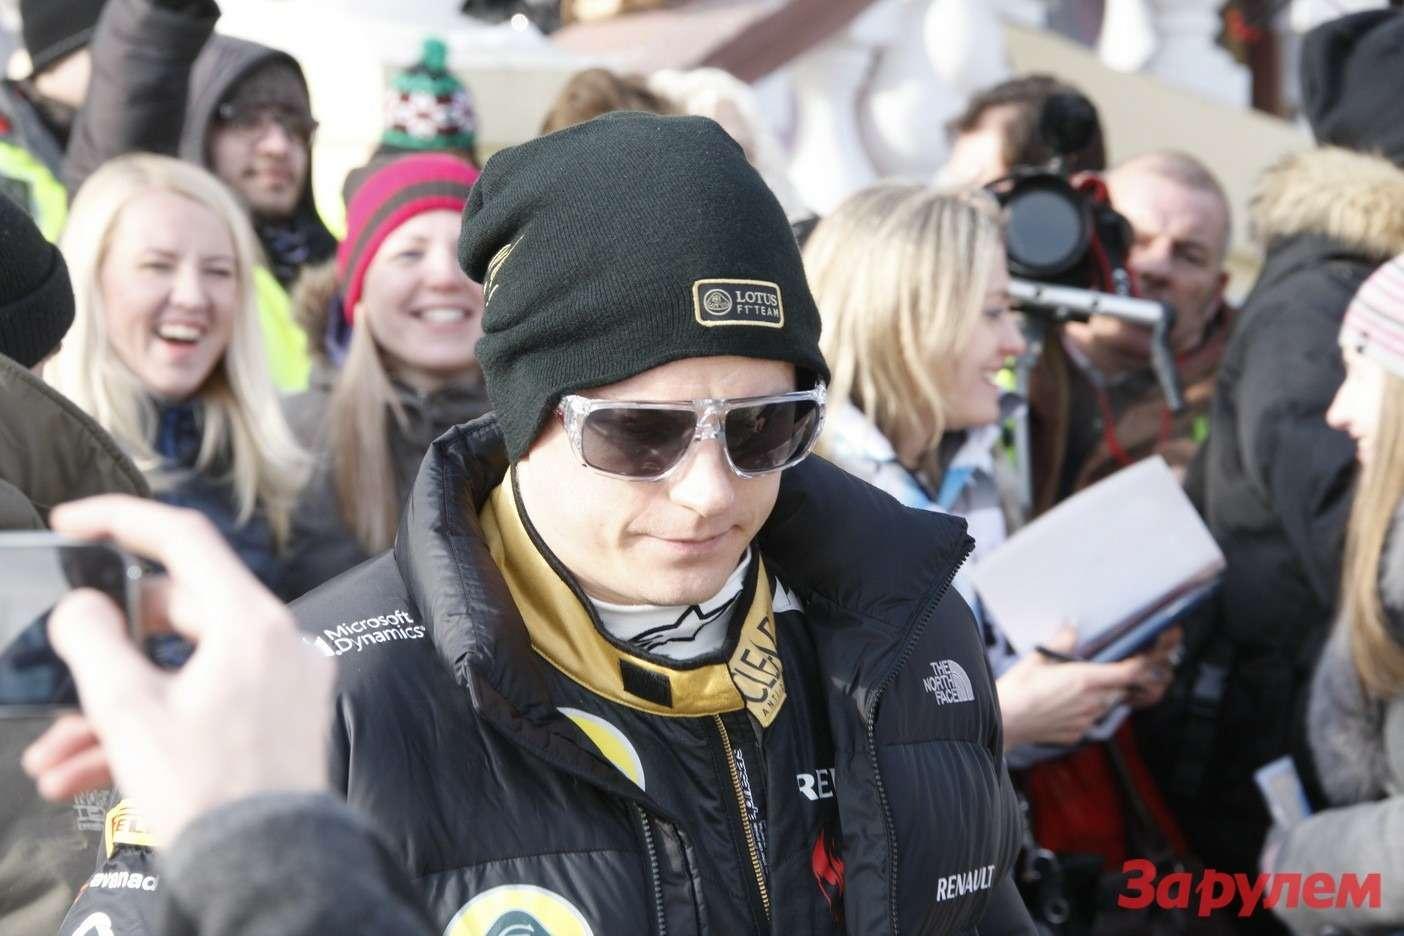 Кими Райкконен (Финляндия, чемпион мира 2007 года в«Формуле 1», пилот команды Lotus F1Team) наГонке Звезд «Зарулем»-2013